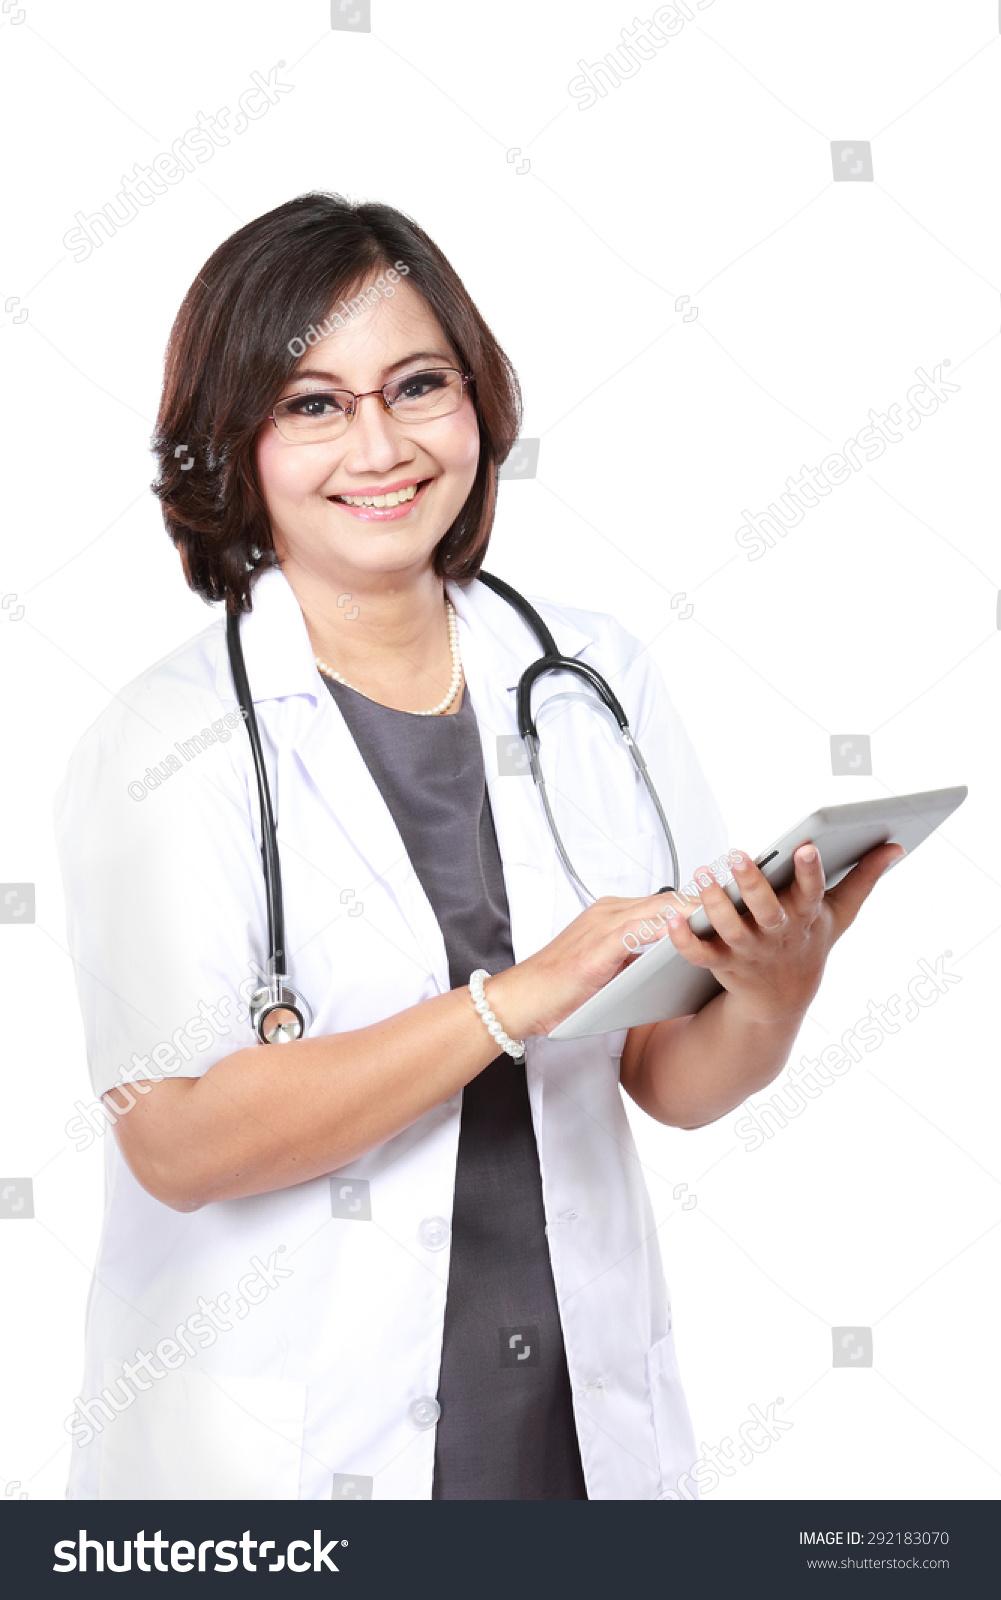 中年女医生使用平板电脑孤立在白色背景-医疗保健